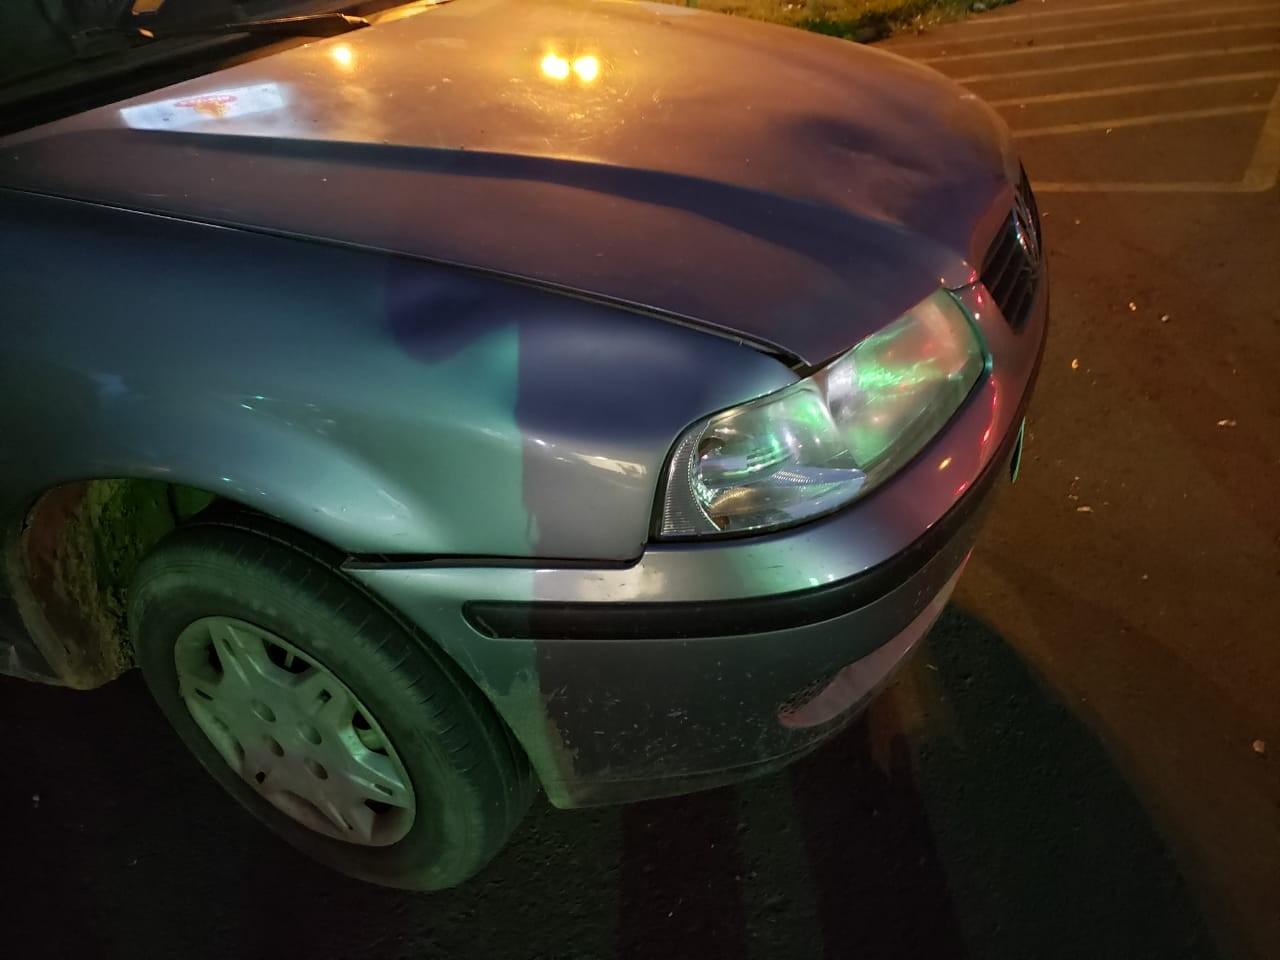 Motorista é preso por embriaguez depois de atropelar três crianças em rodovia de Tupã - Notícias - Plantão Diário